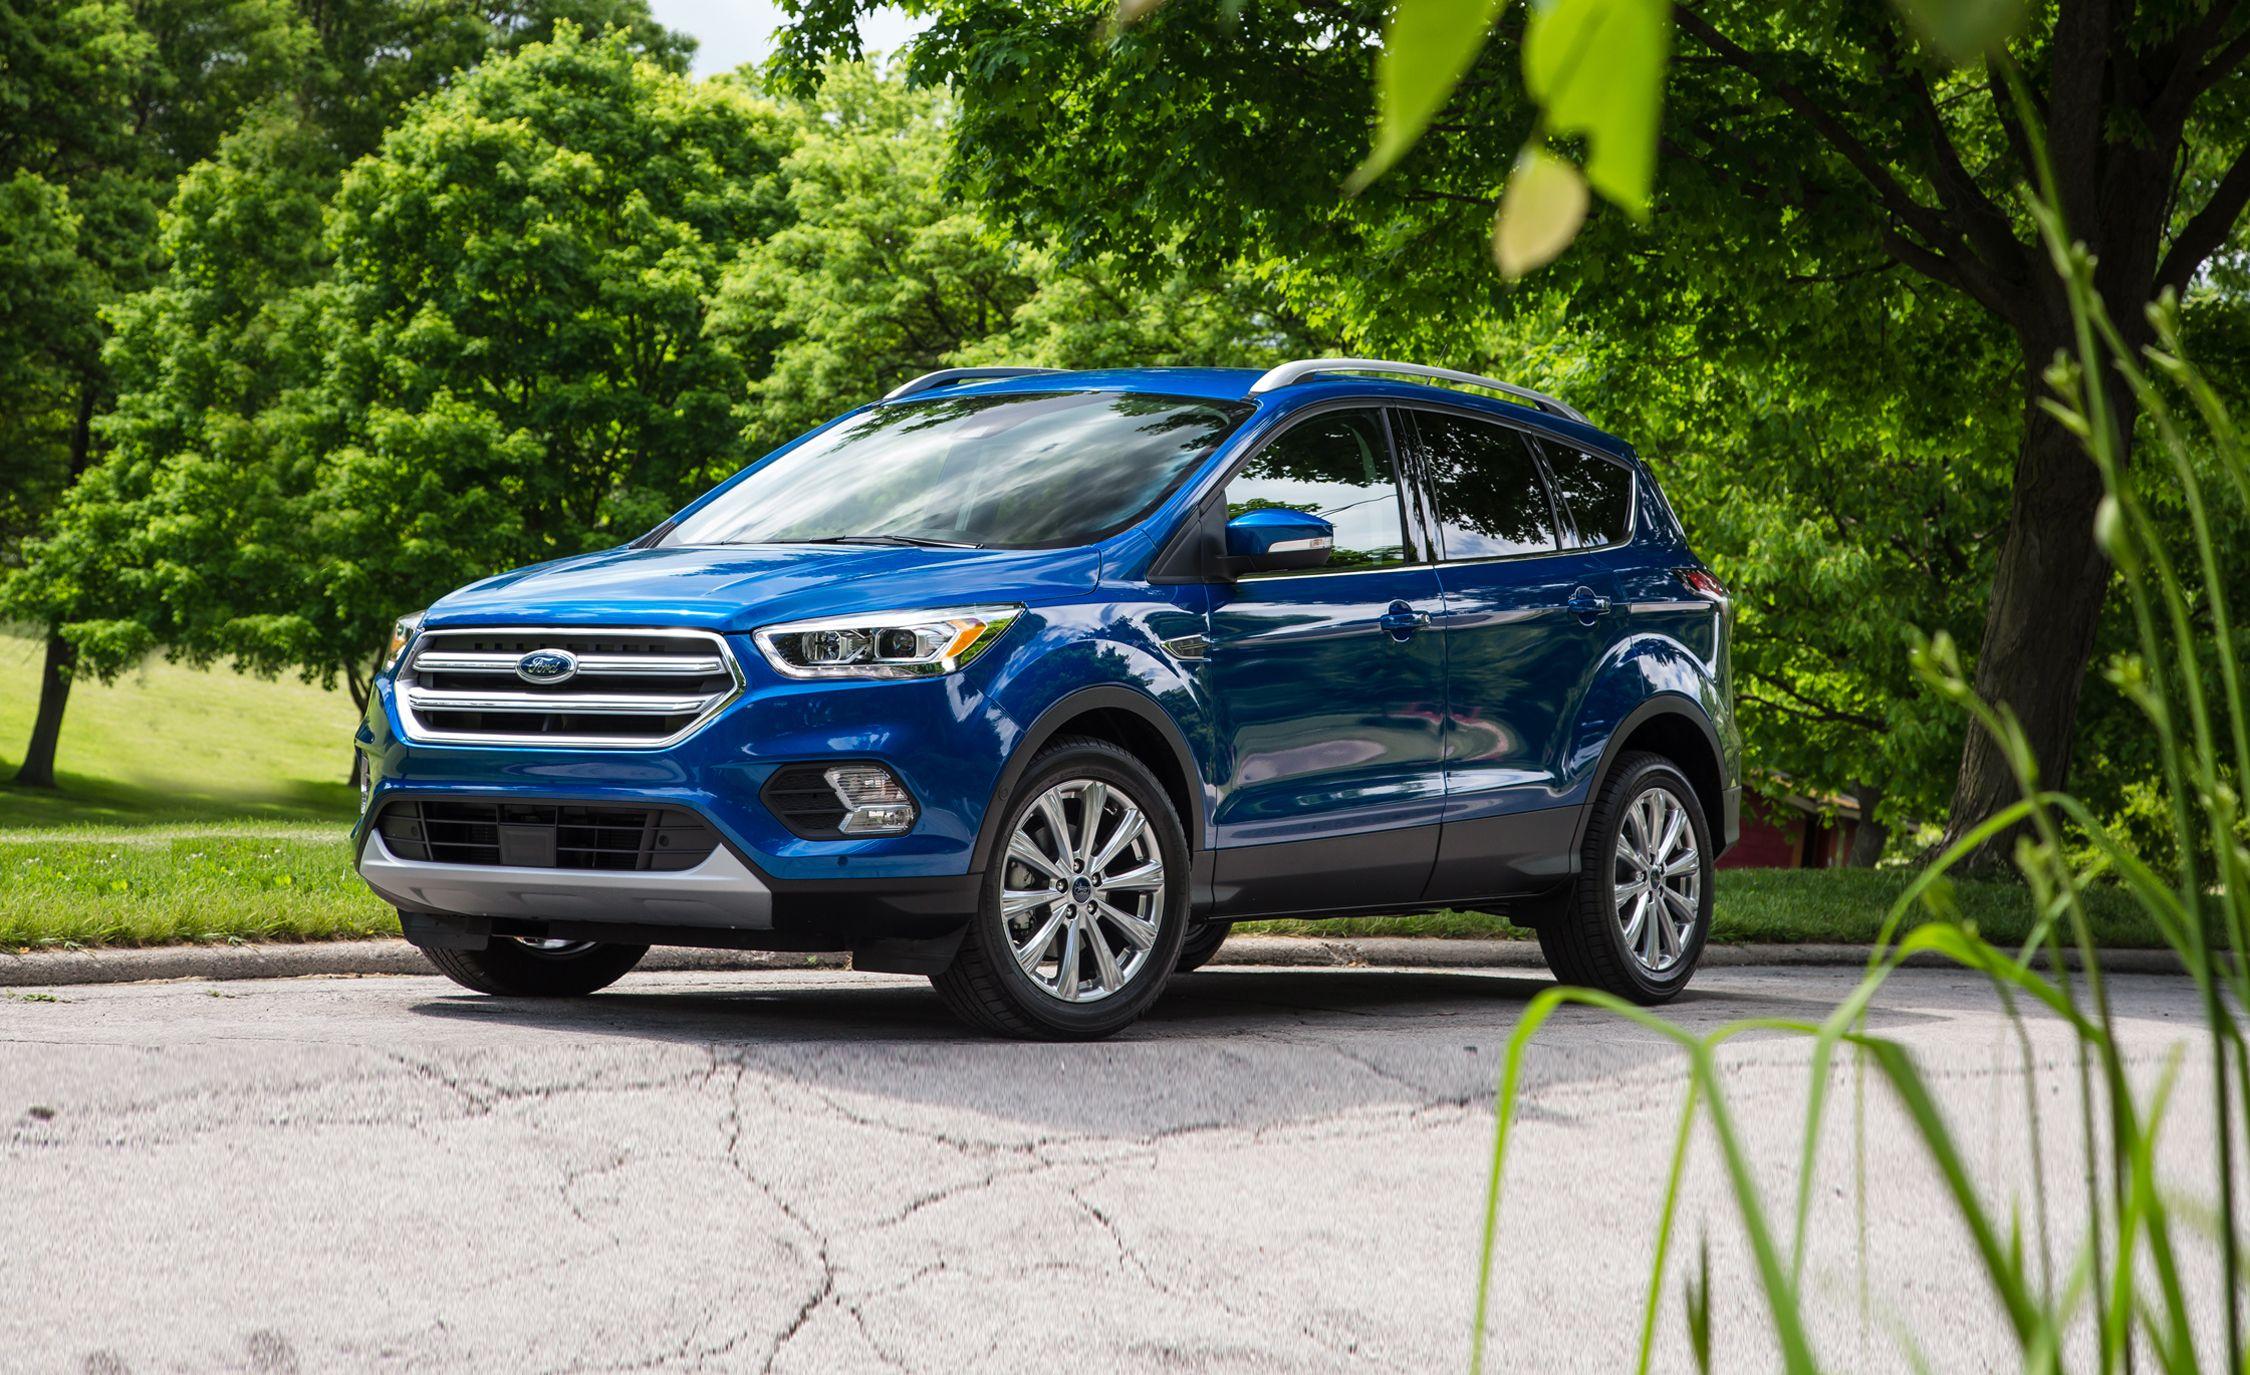 2021 Ford Escape Review Pricing And Specs Ford Escape 2017 Ford Escape Sport Suv